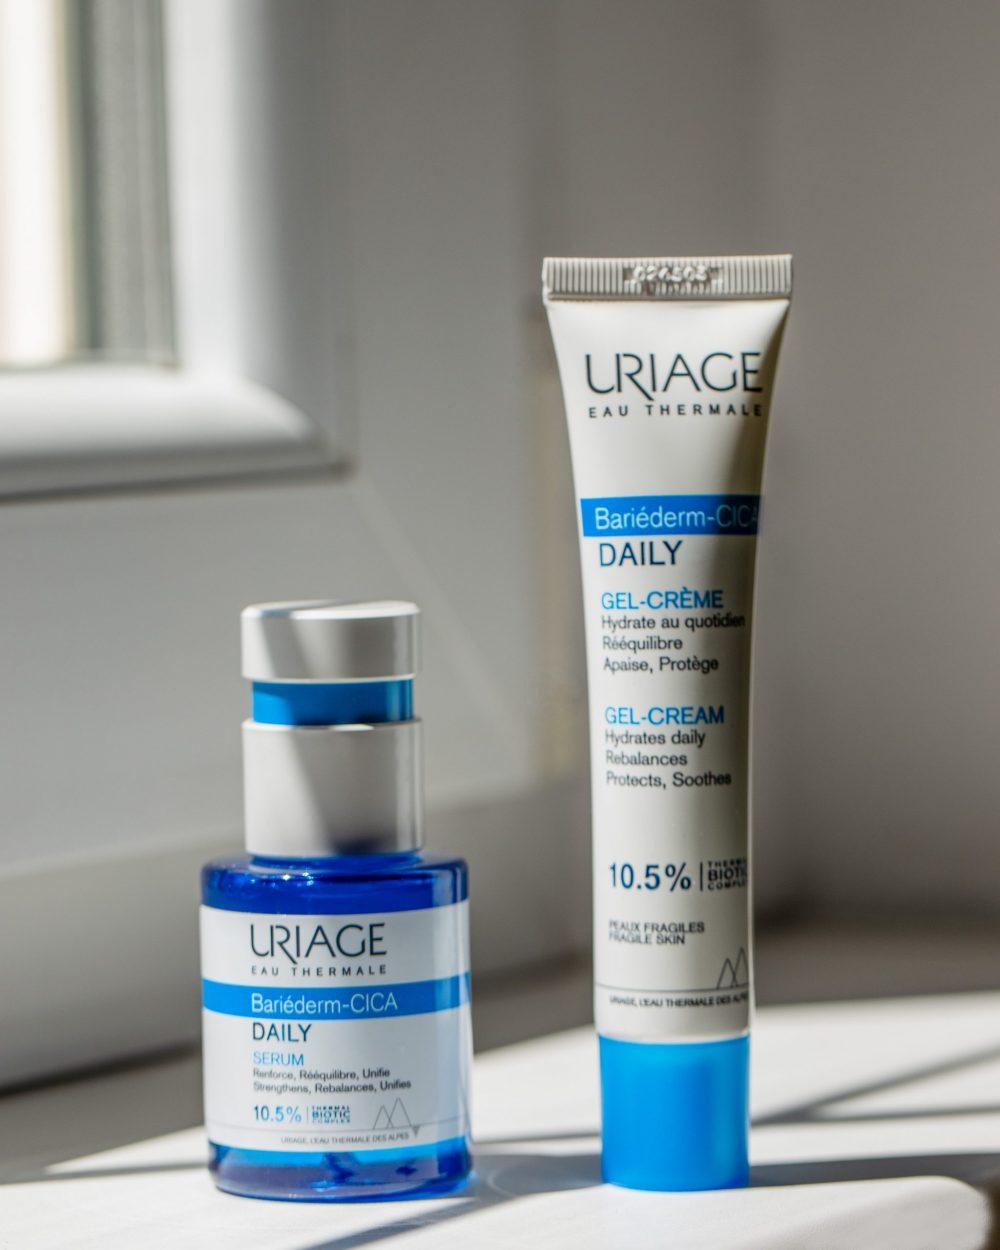 389A7346f scaled e1620735869856 Biljka tigrova trava je novi trend u svetu dermokozmetike, a možete je naći u ovim proizvodima